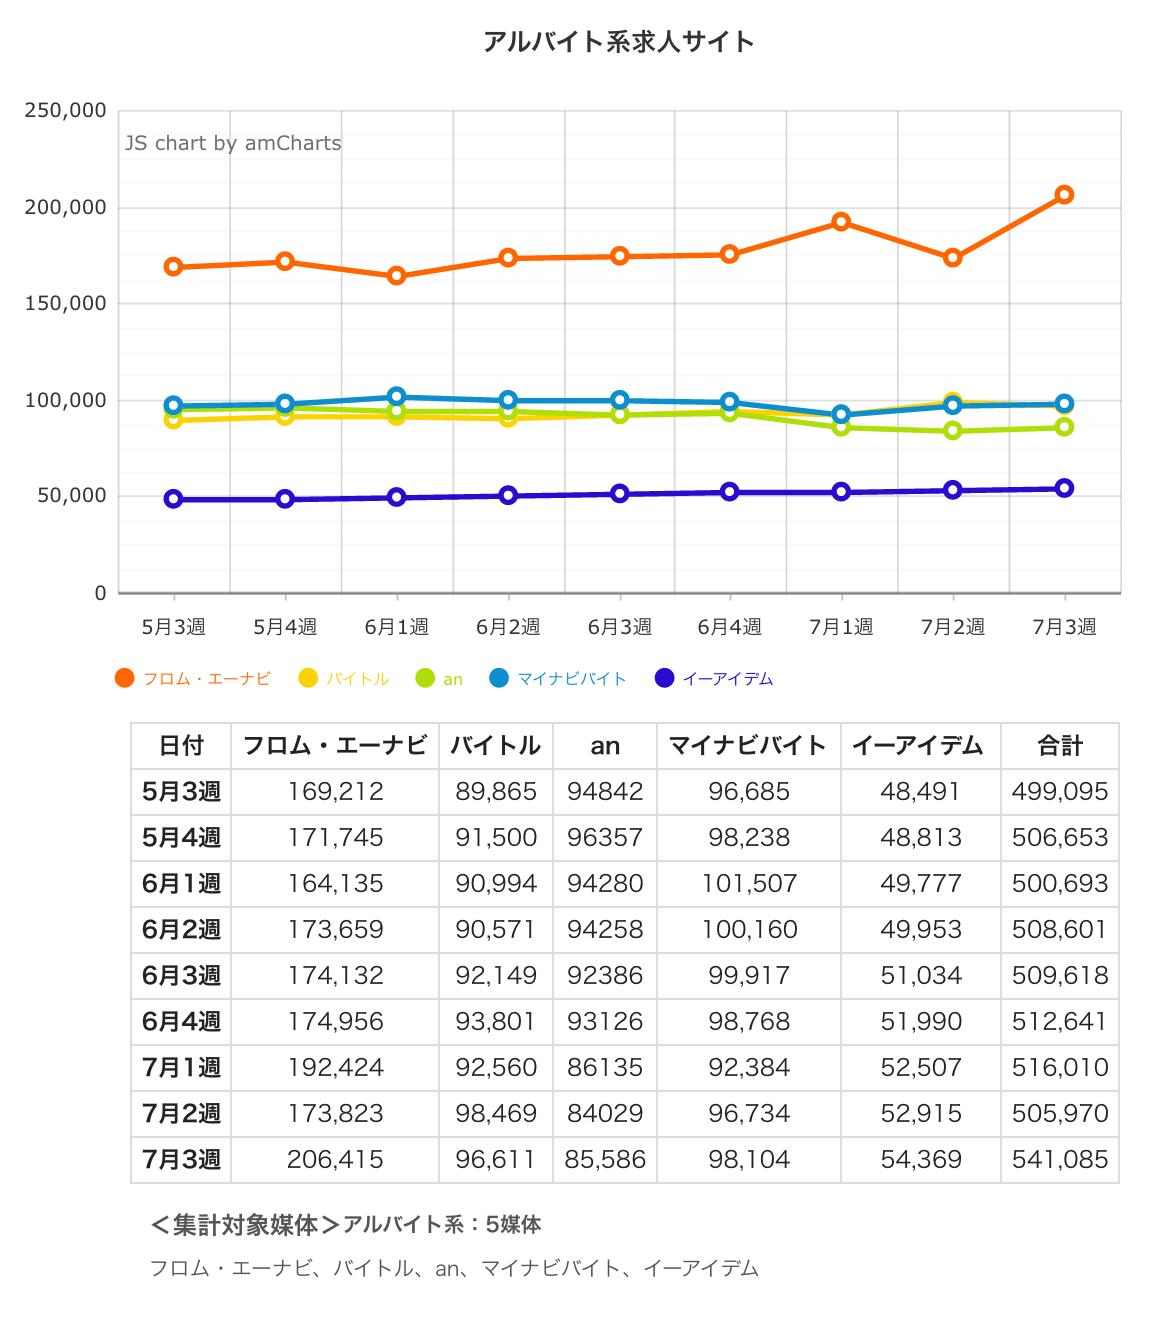 ウィークリー求人サイト掲載件数速報 2015年7月3週